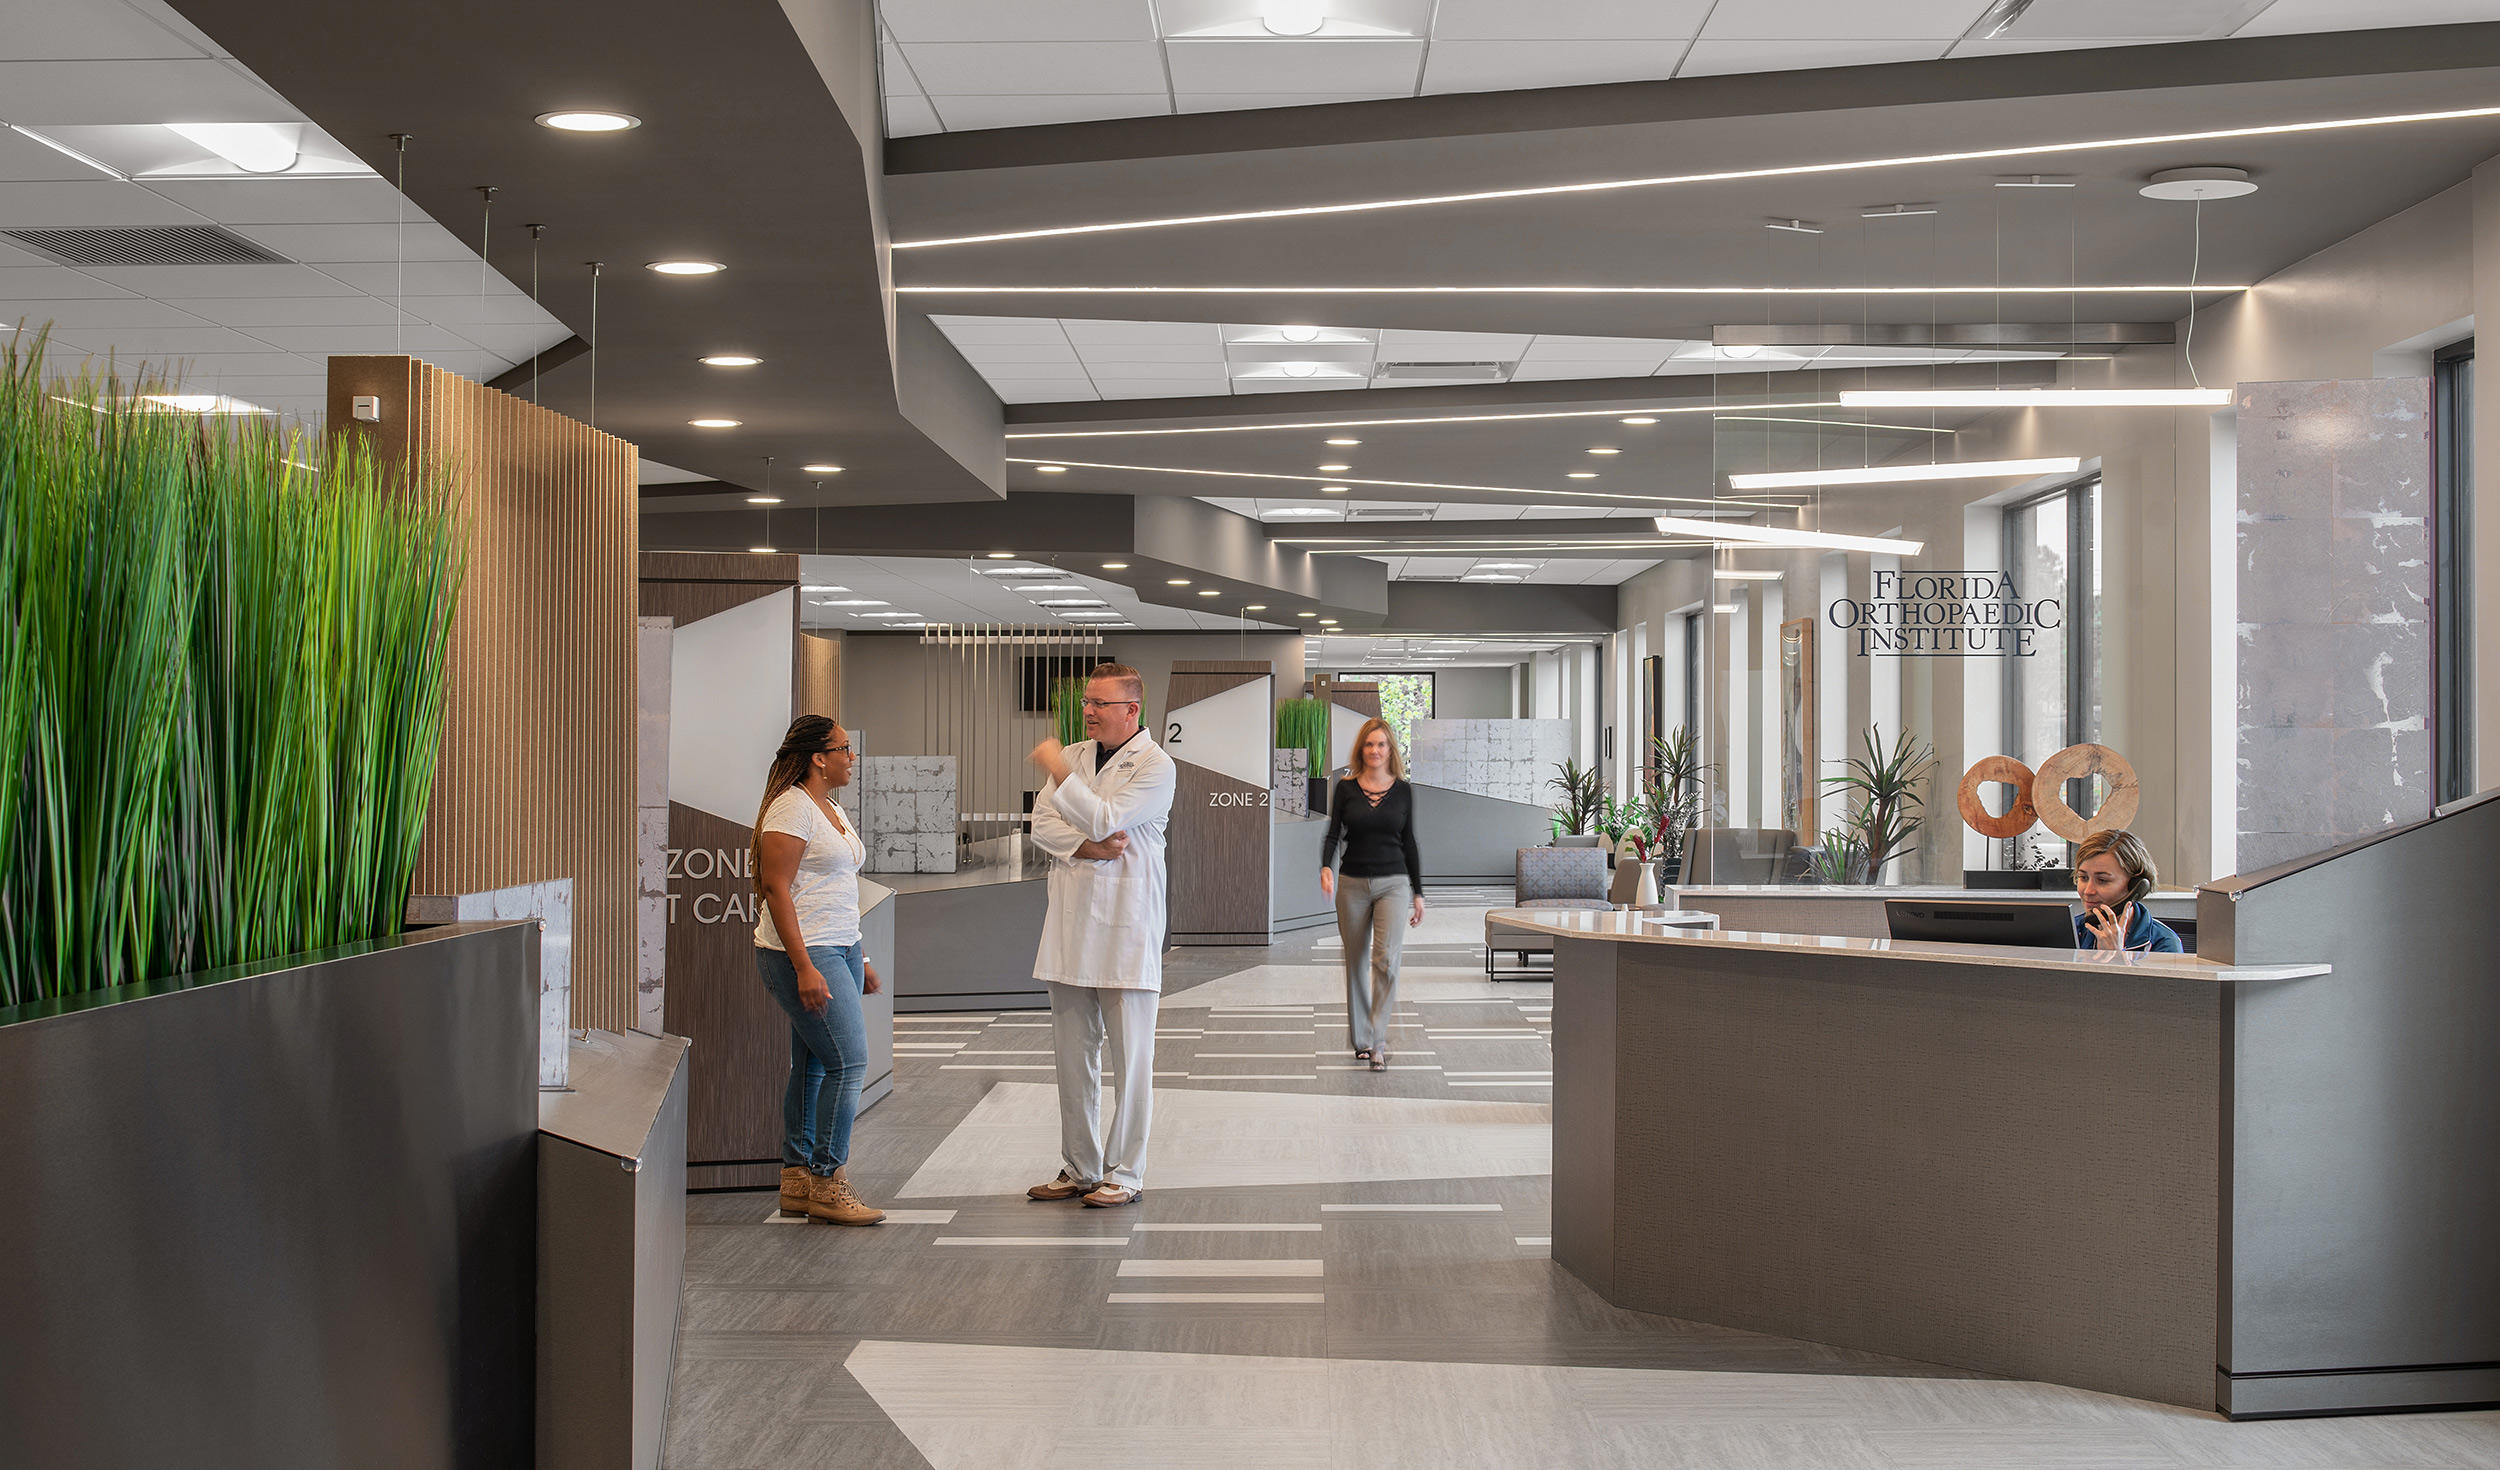 Interior of Florida Orthopaedic Institute & Orthopaedic Urgent Care Brandon Office